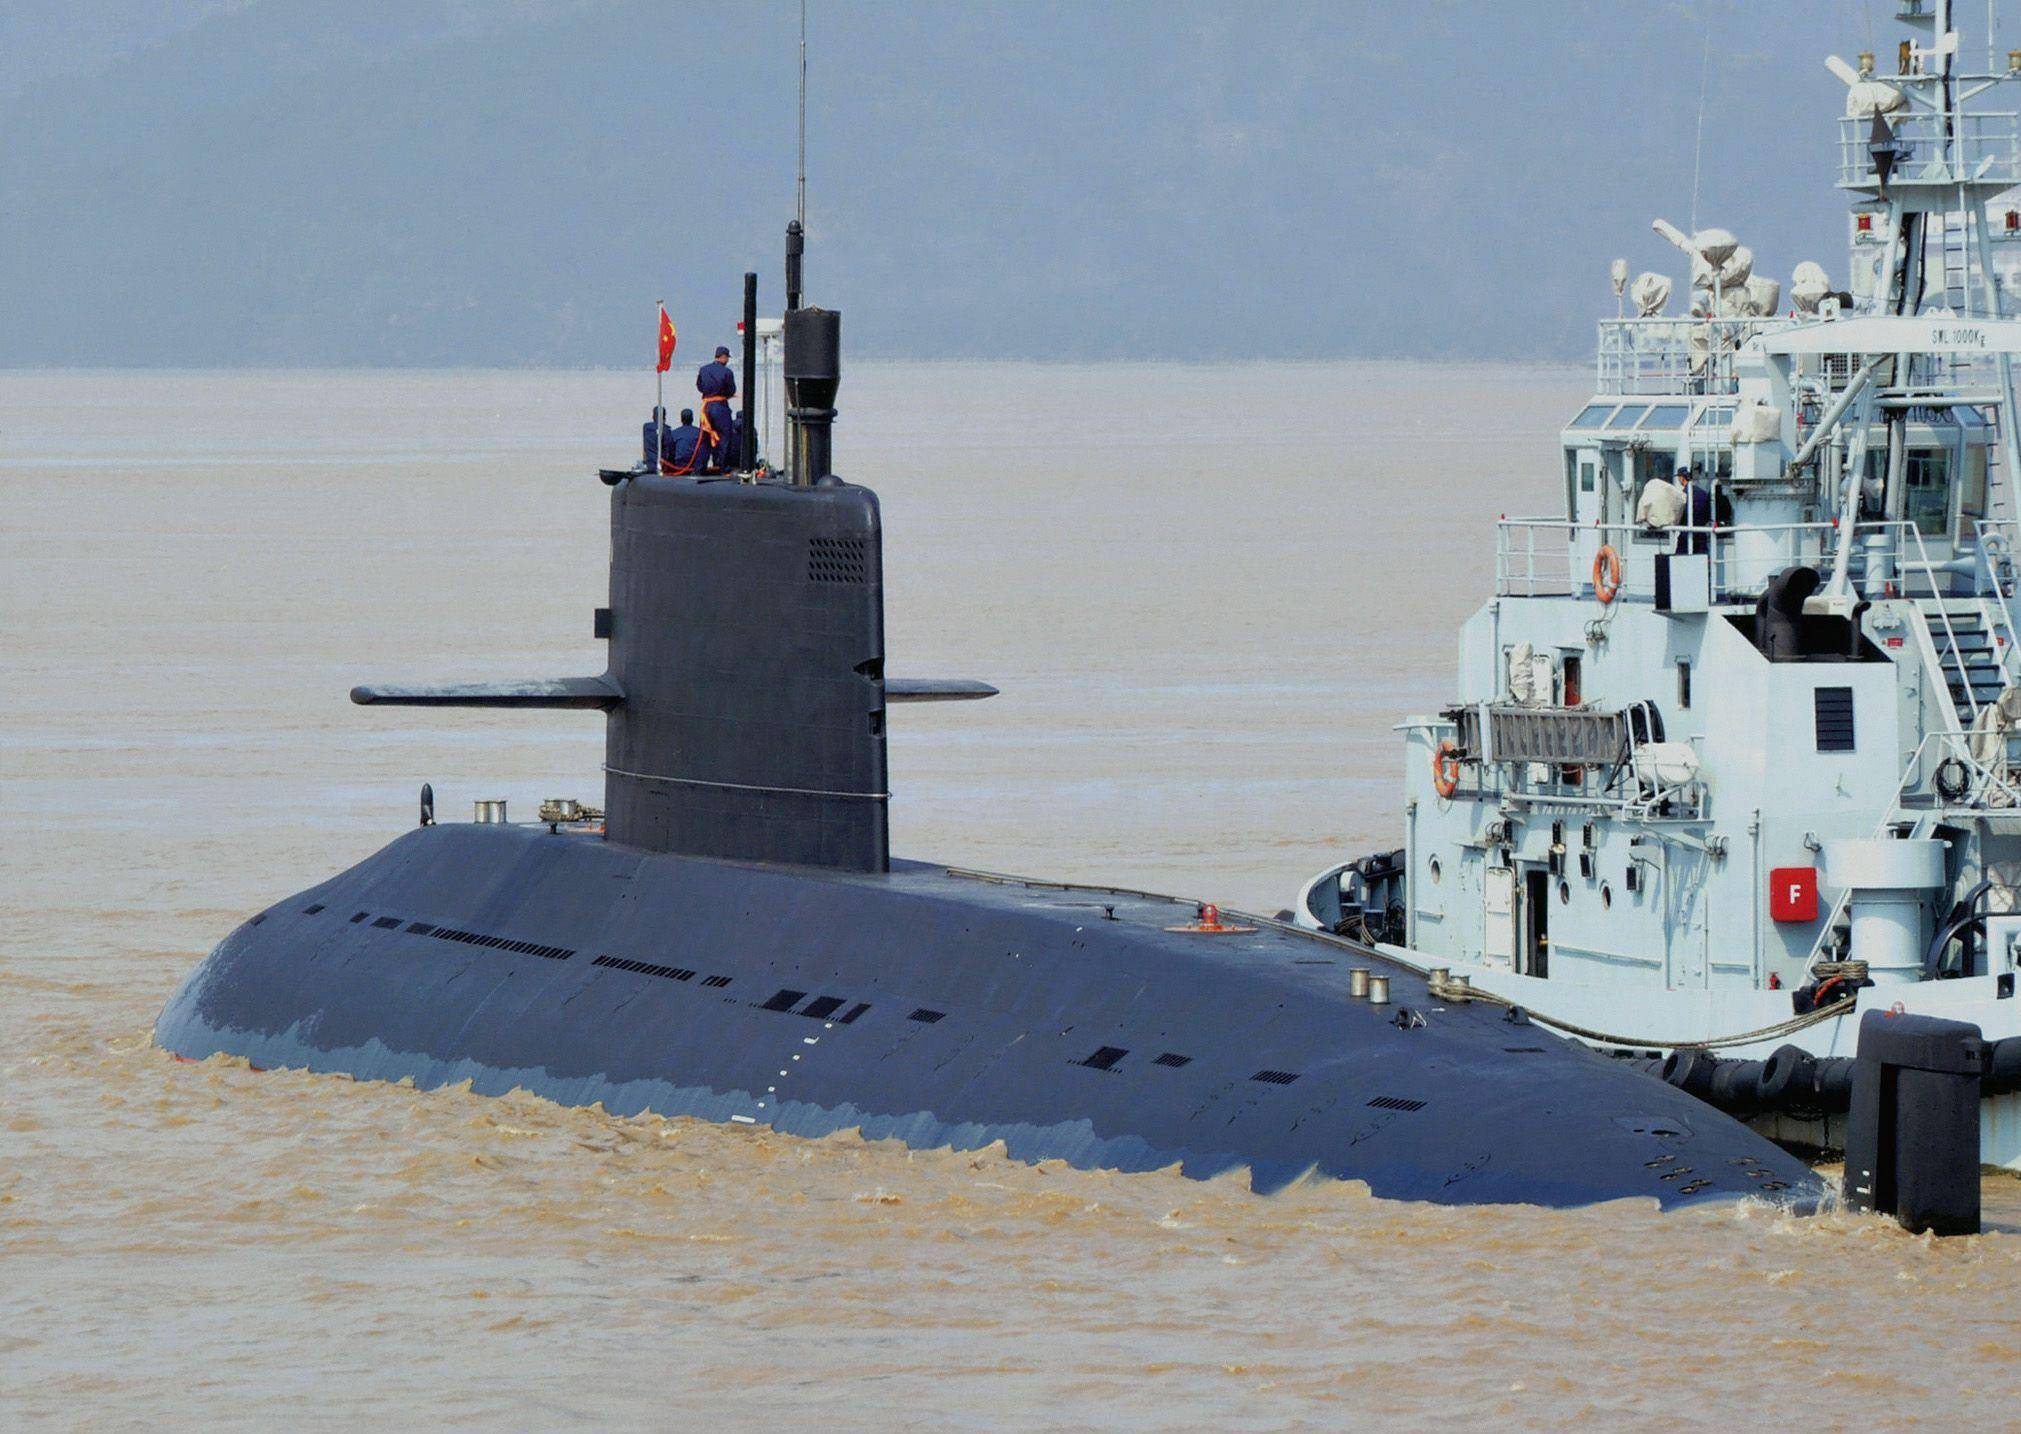 Chinese navy type 039 submarine